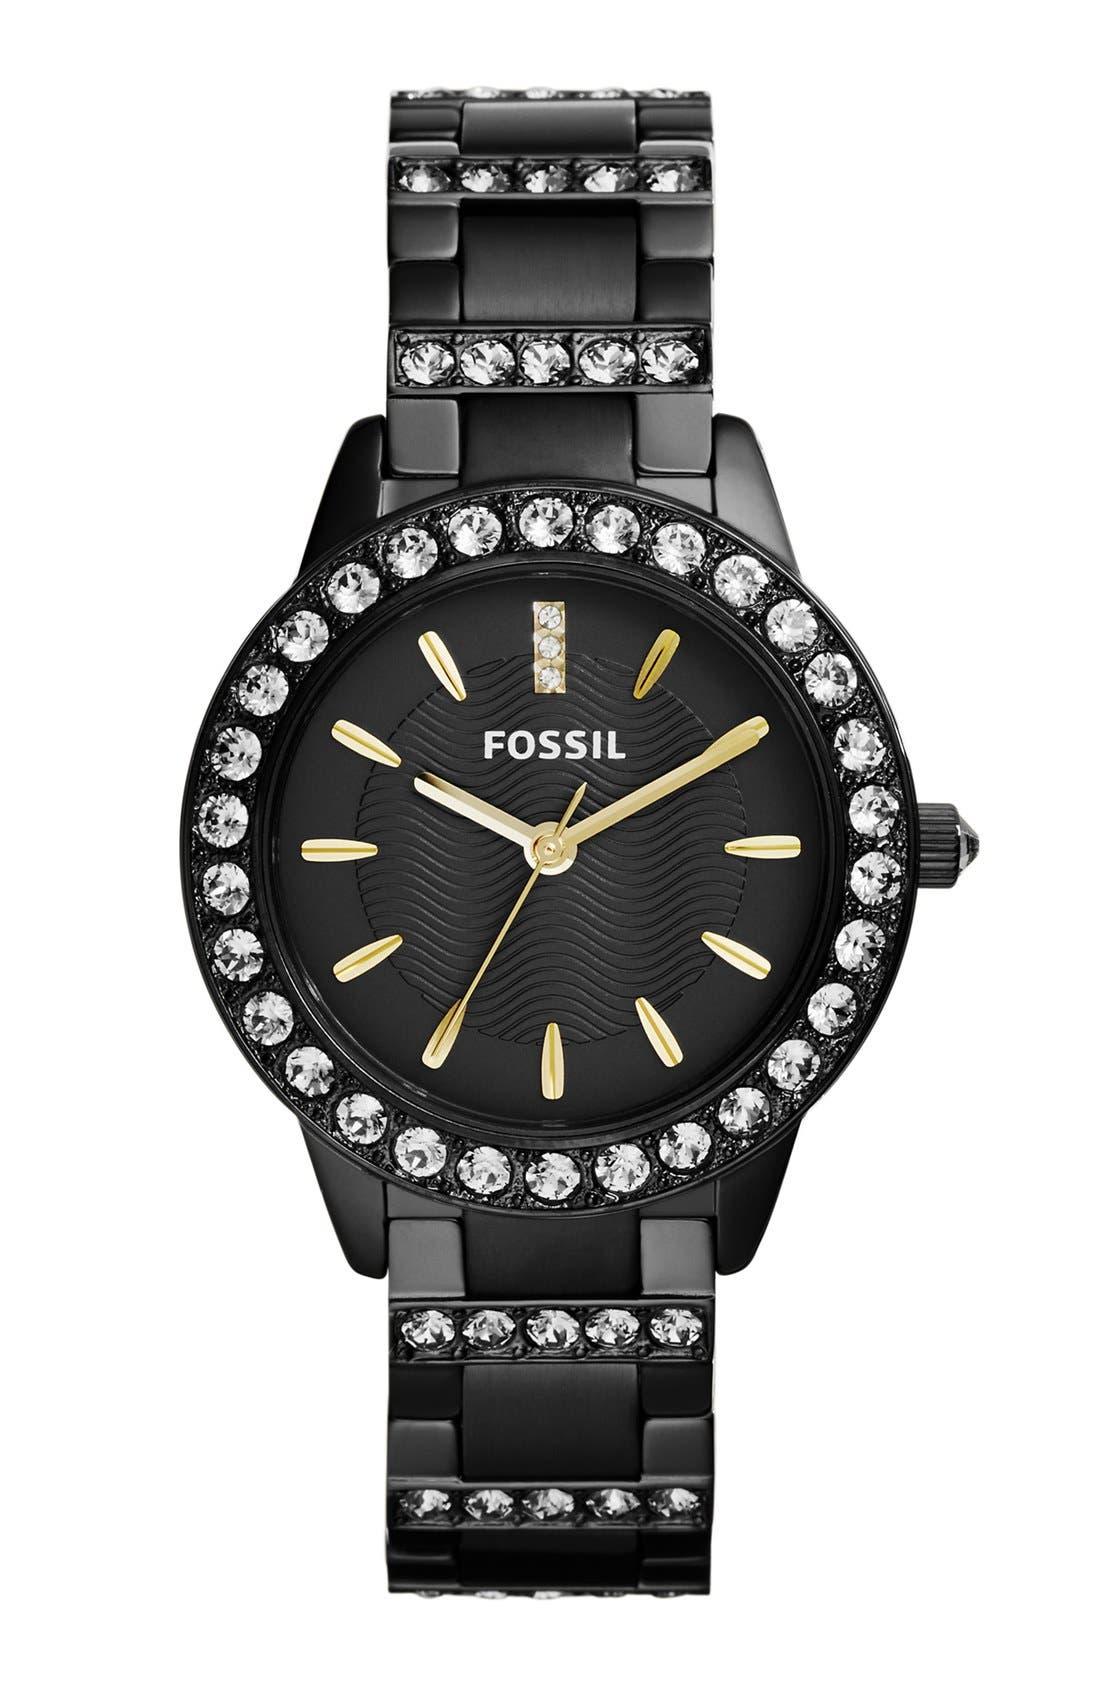 FOSSIL 'Jesse' Crystal Embellished Bracelet Watch, 34mm, Main, color, 001